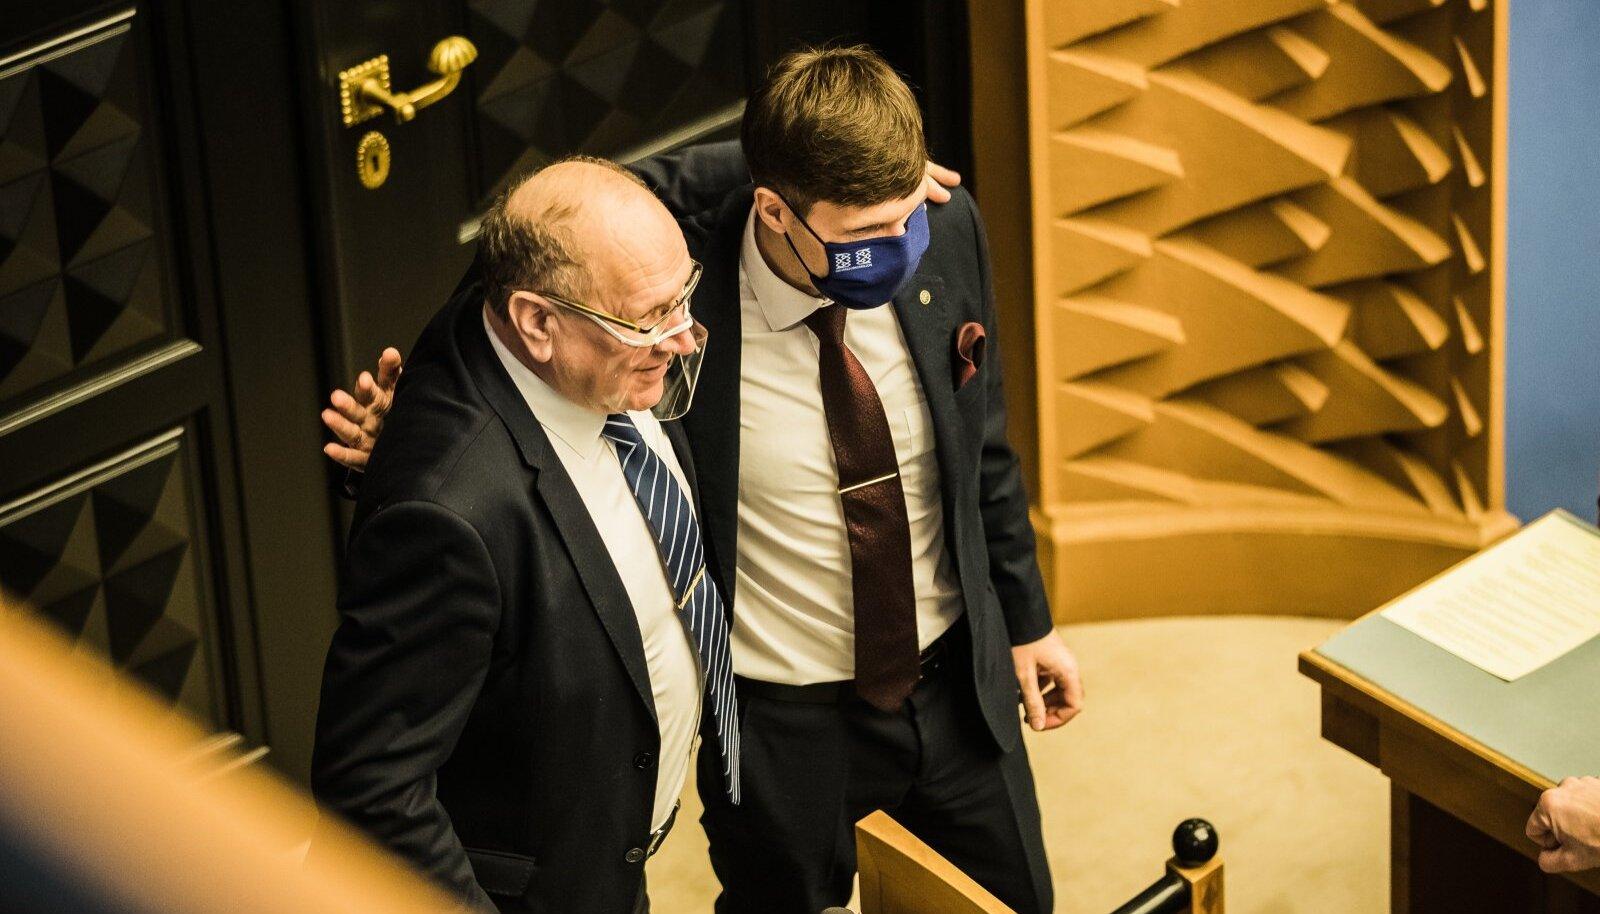 EKRE juhtfiguurid Mart ja Martin Helme